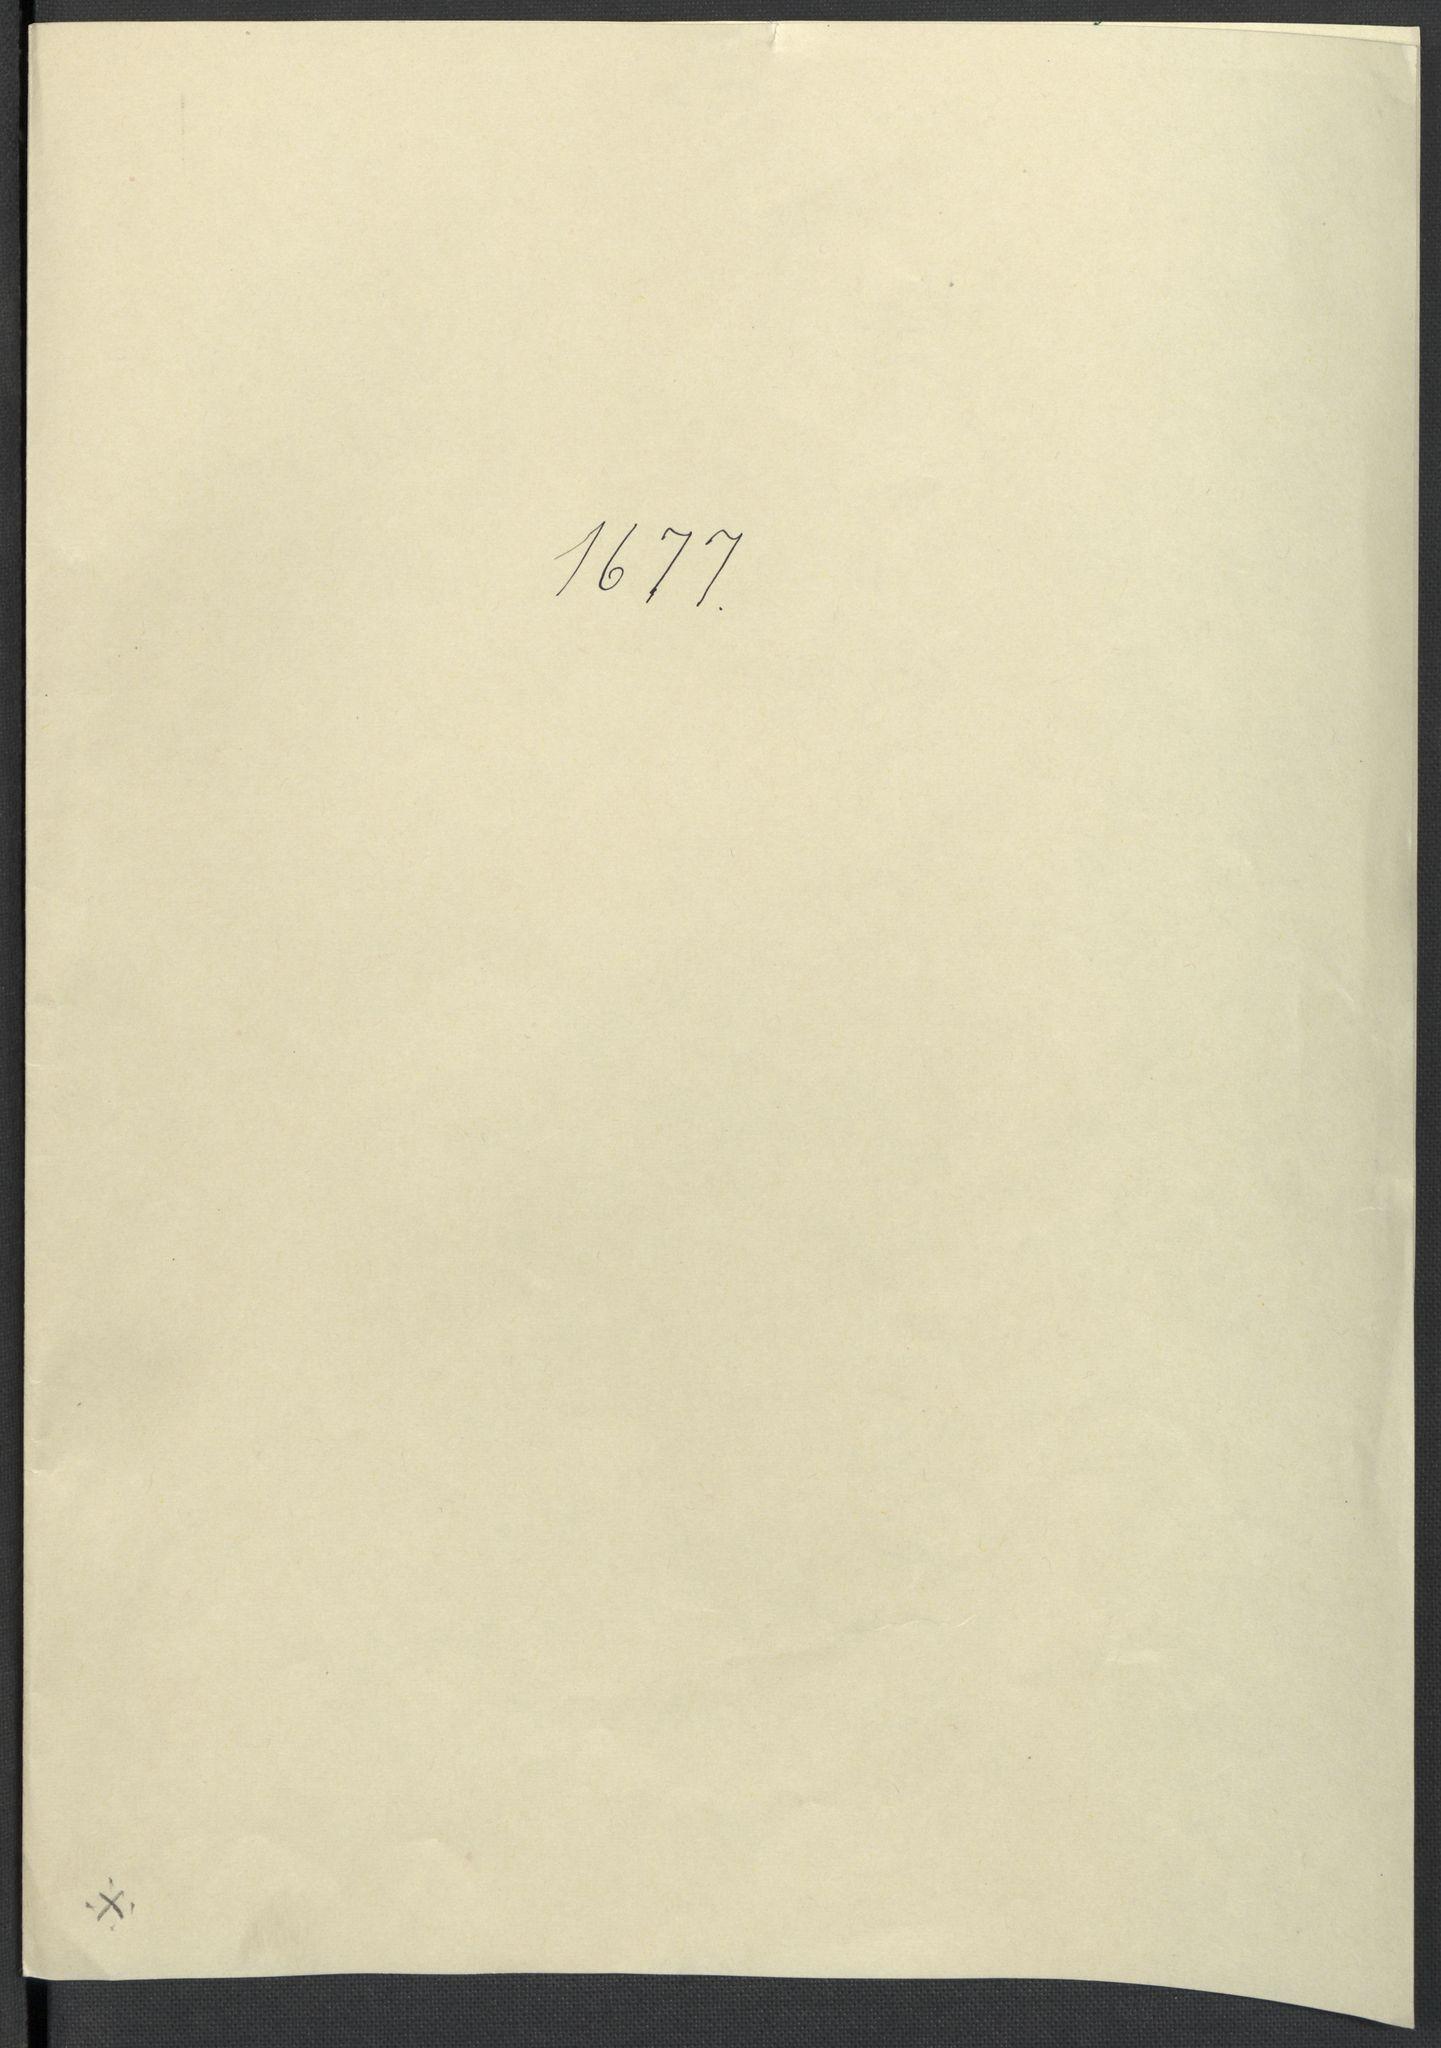 RA, Rentekammeret inntil 1814, Reviderte regnskaper, Fogderegnskap, R13/L0813: Fogderegnskap Solør, Odal og Østerdal, 1677, s. 331